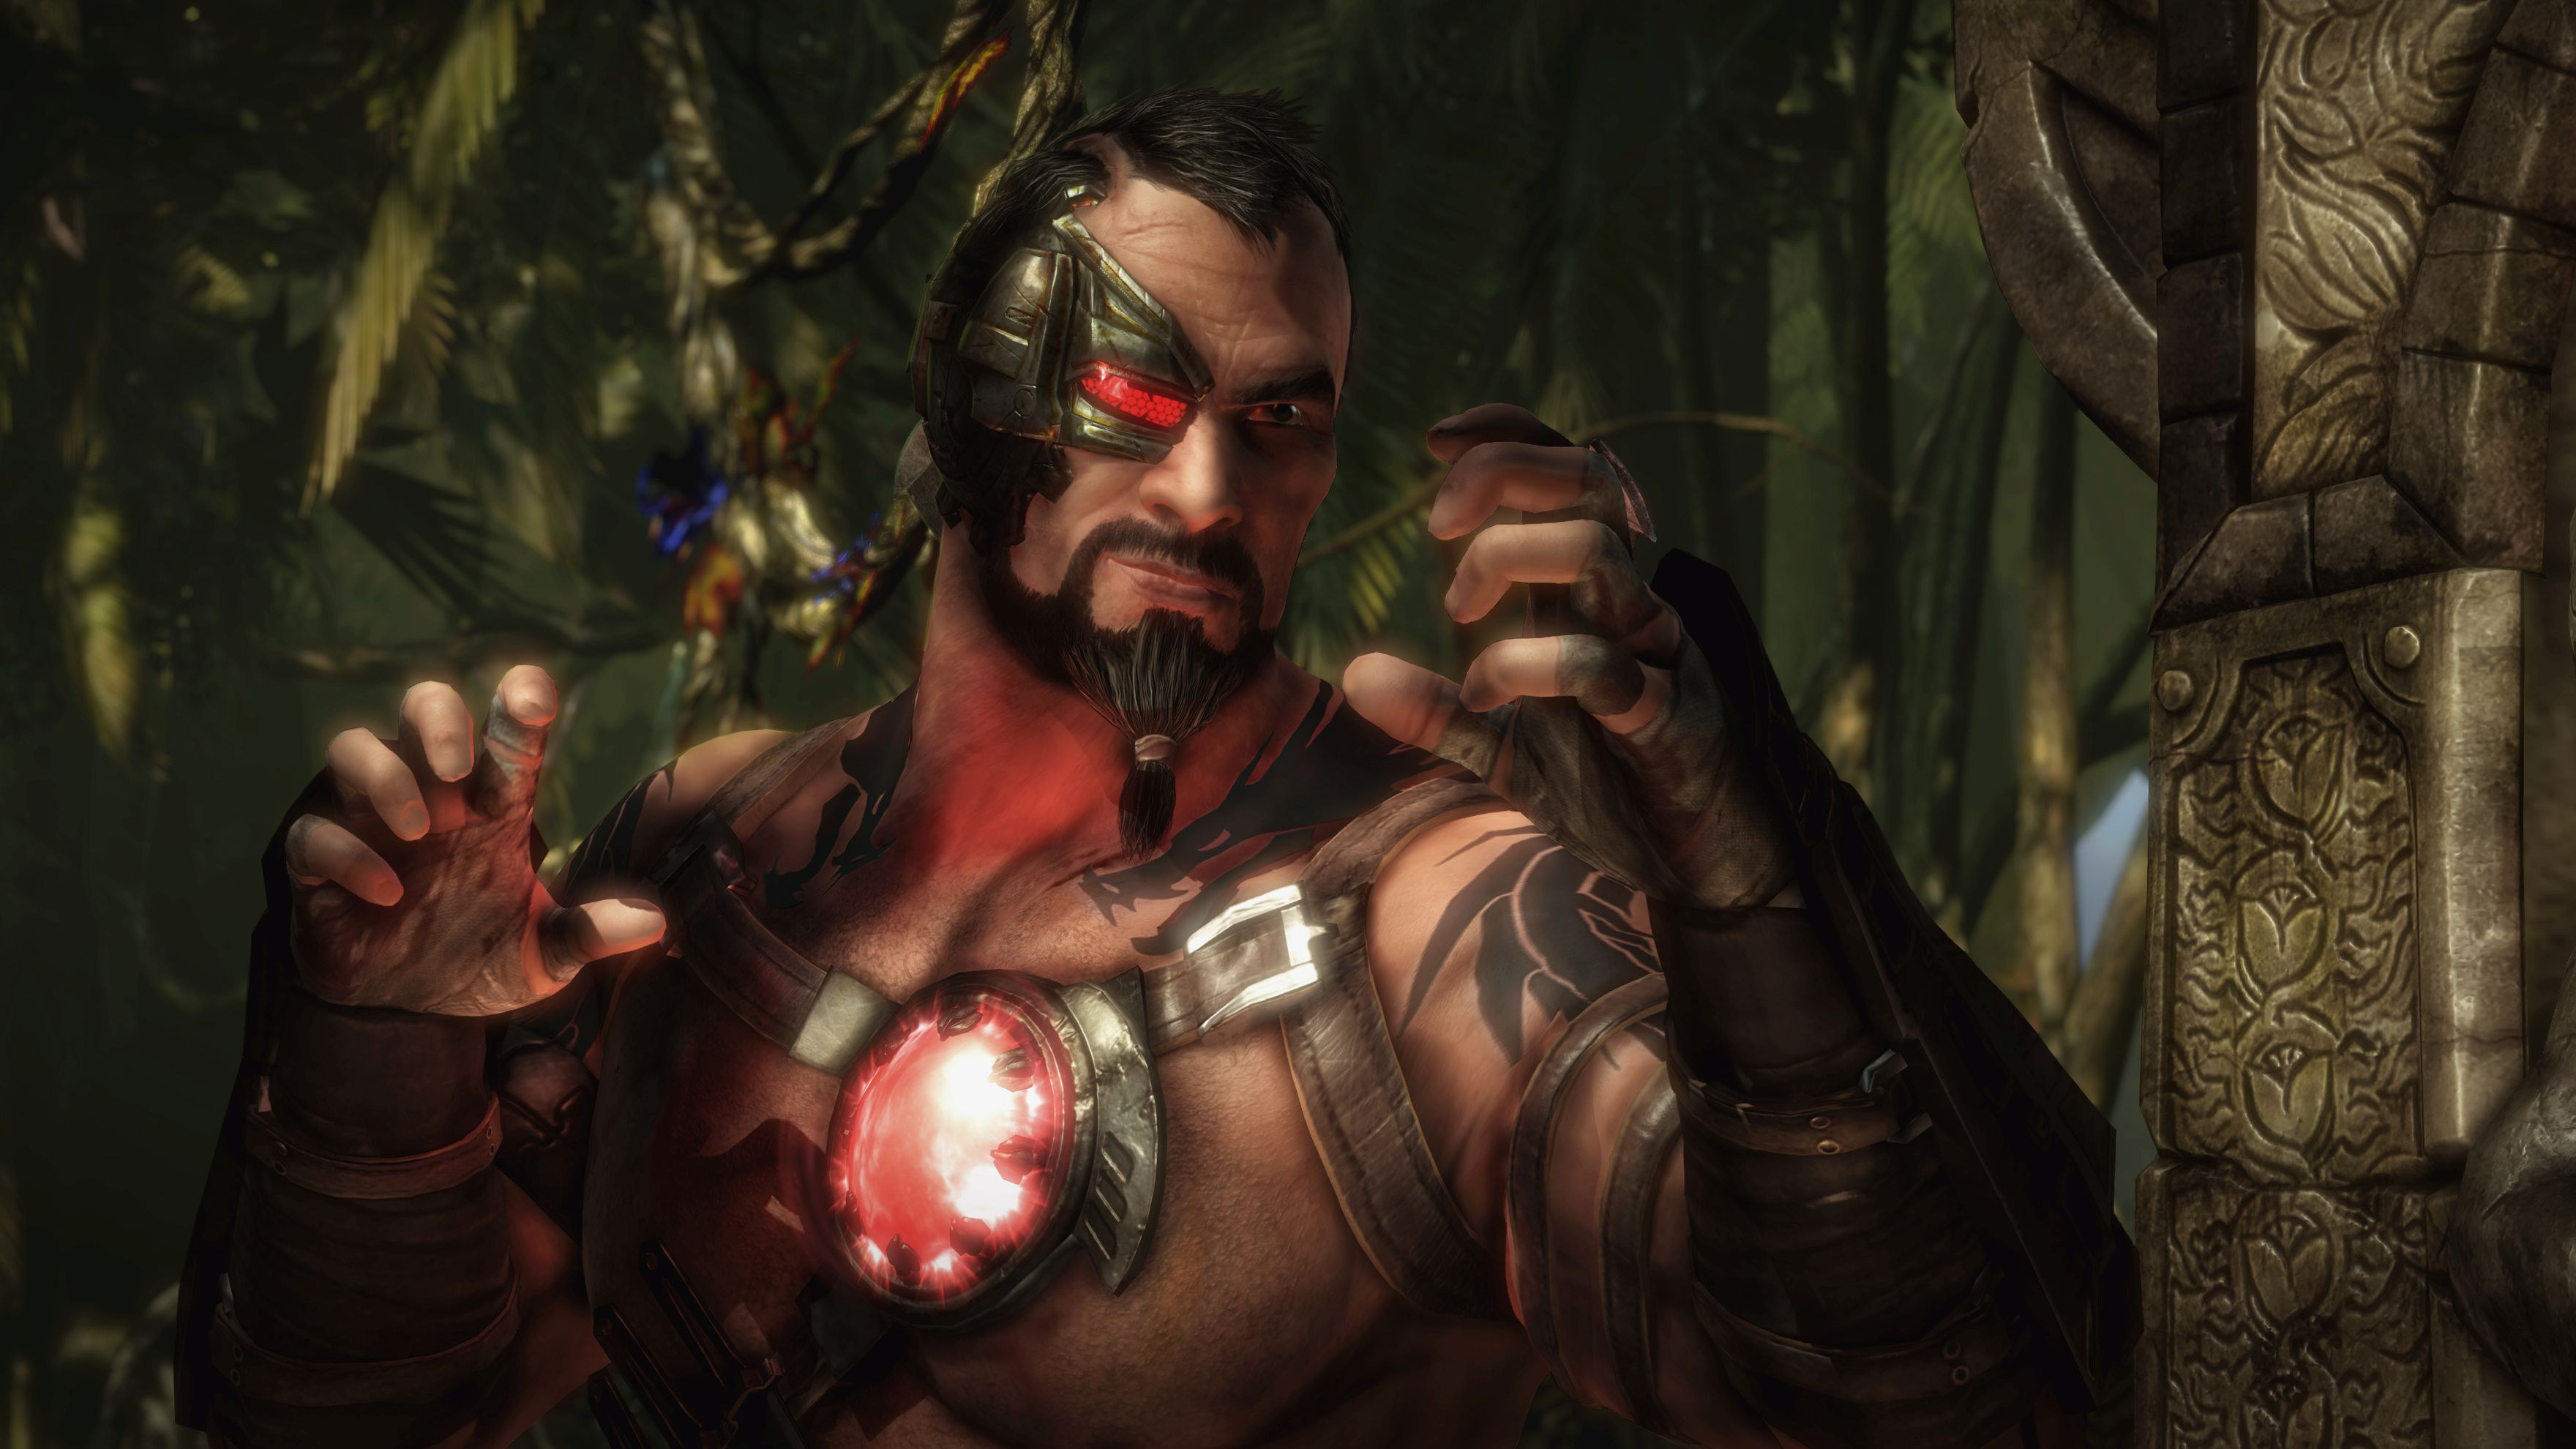 Cinnamon reccomend Mortal kombat domination the movie